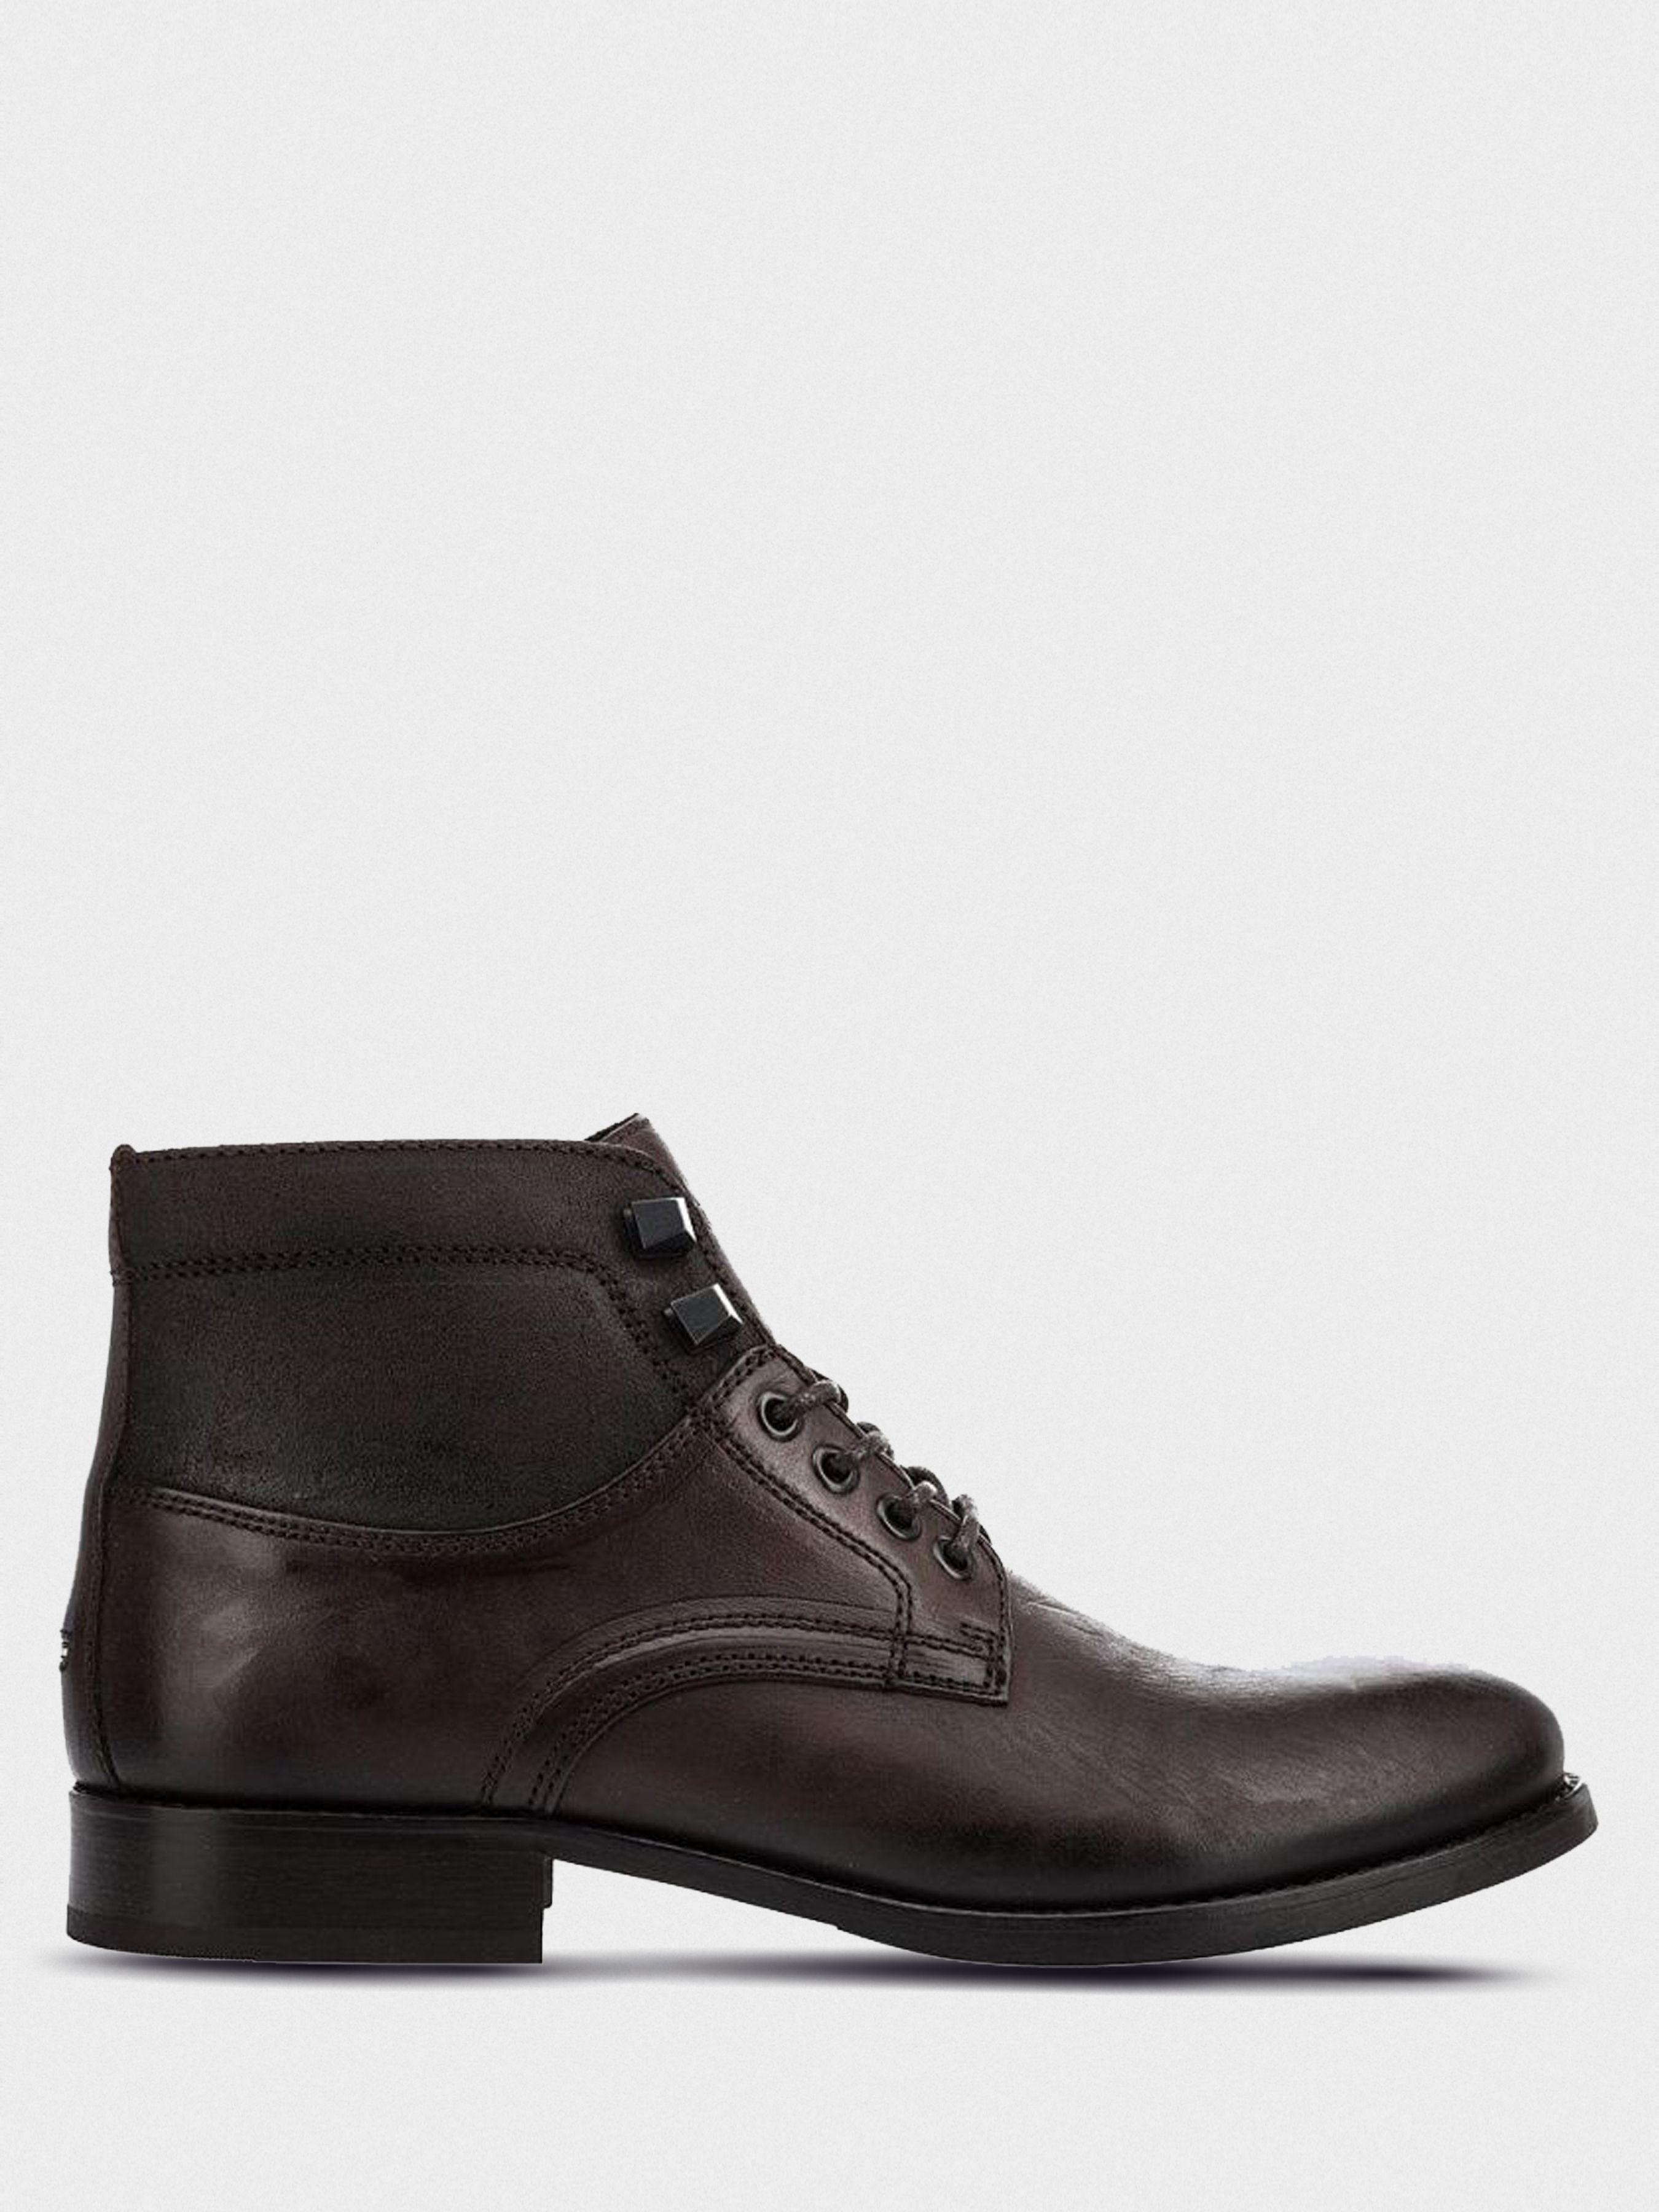 Купить Ботинки для мужчин Tommy Hilfiger TE800, Коричневый